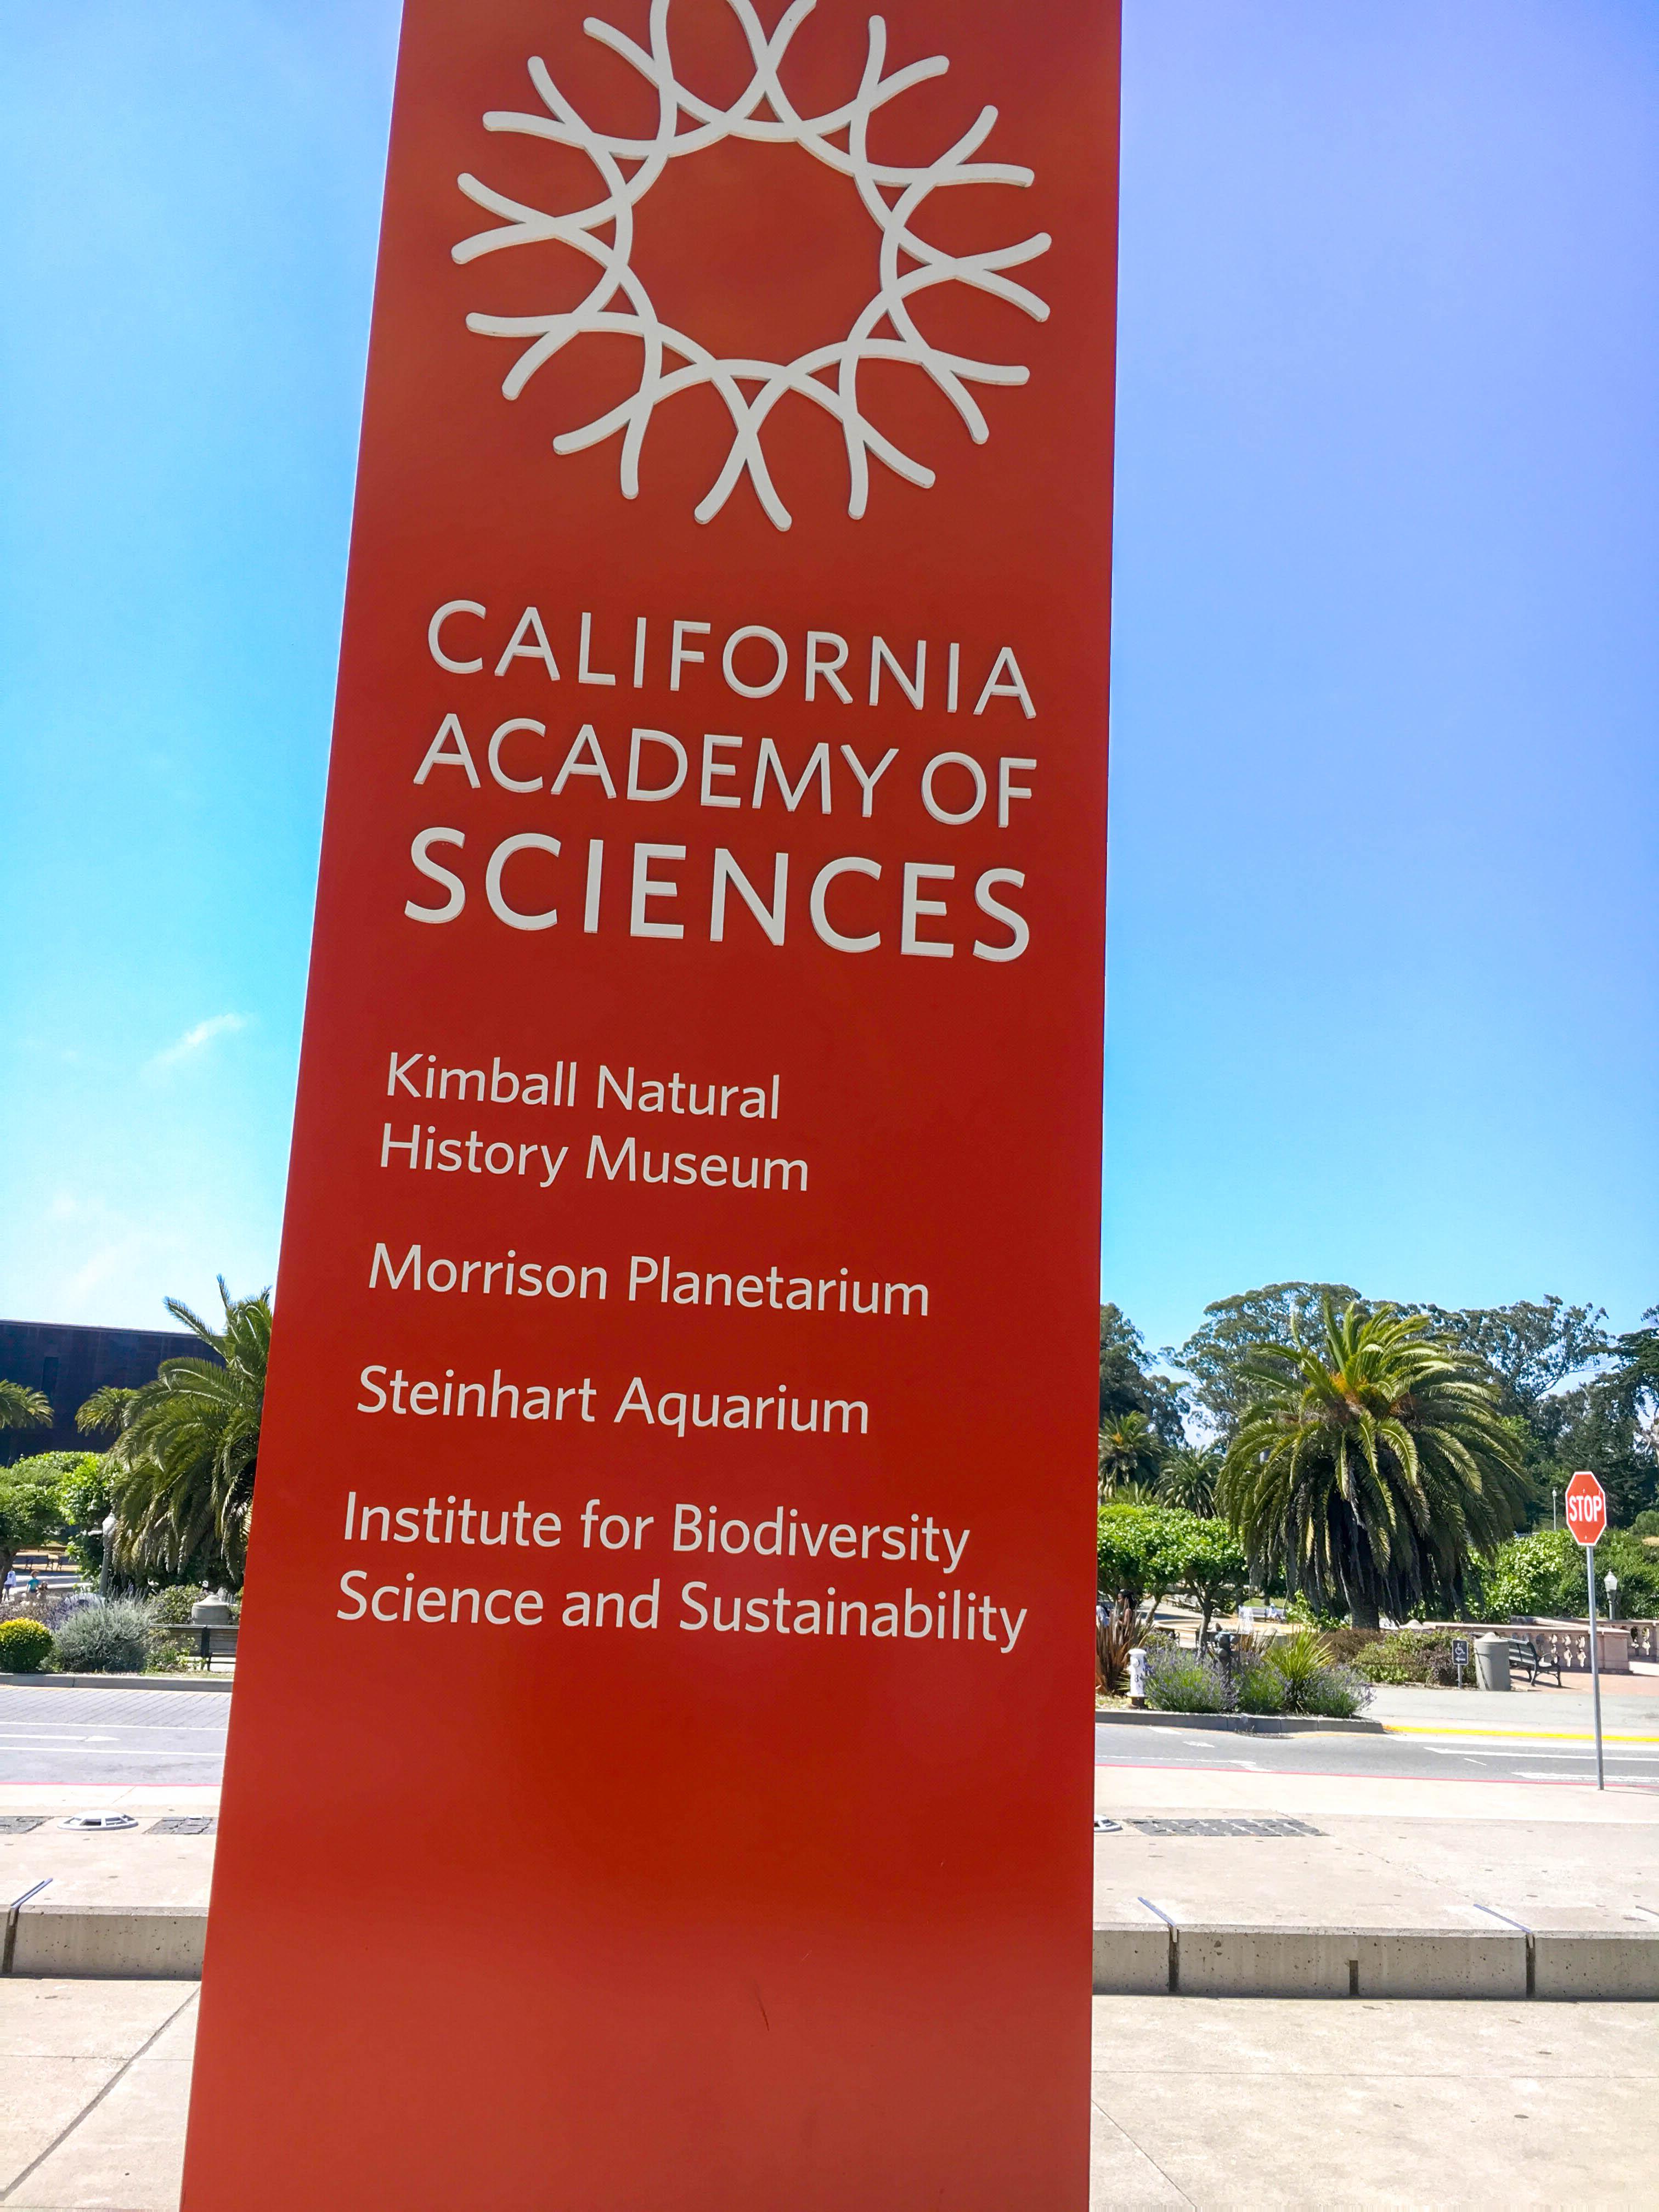 Academy of Sciences, San Francisco